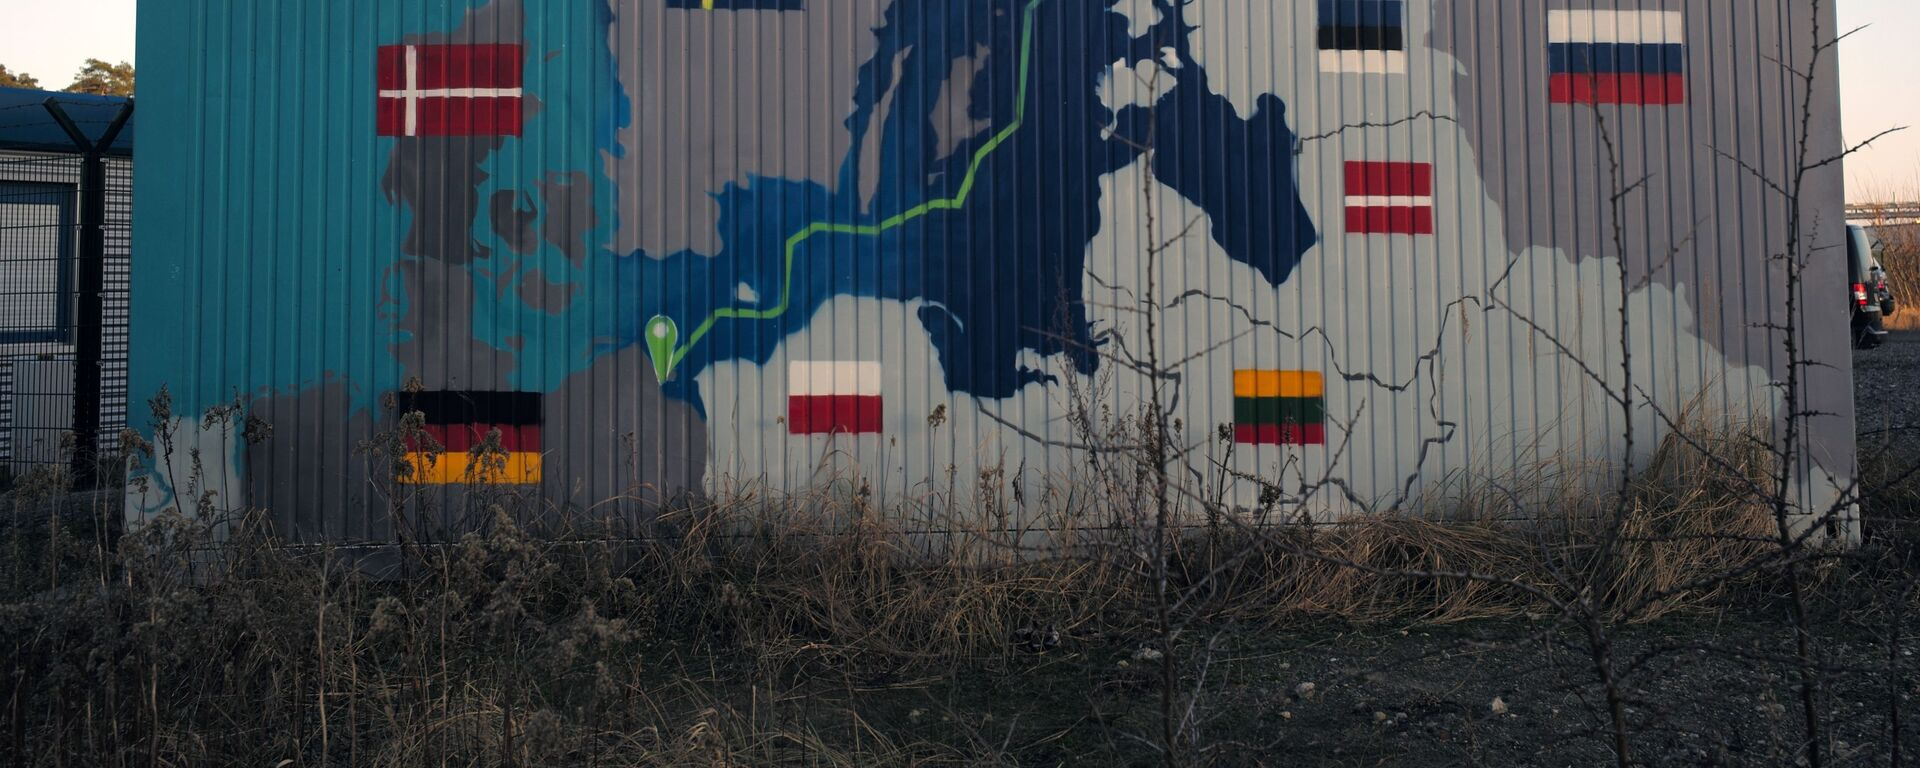 Obiekty lądowe gazociągu Nord Stream 2 w Lubminie w Niemczech. - Sputnik Polska, 1920, 03.03.2021